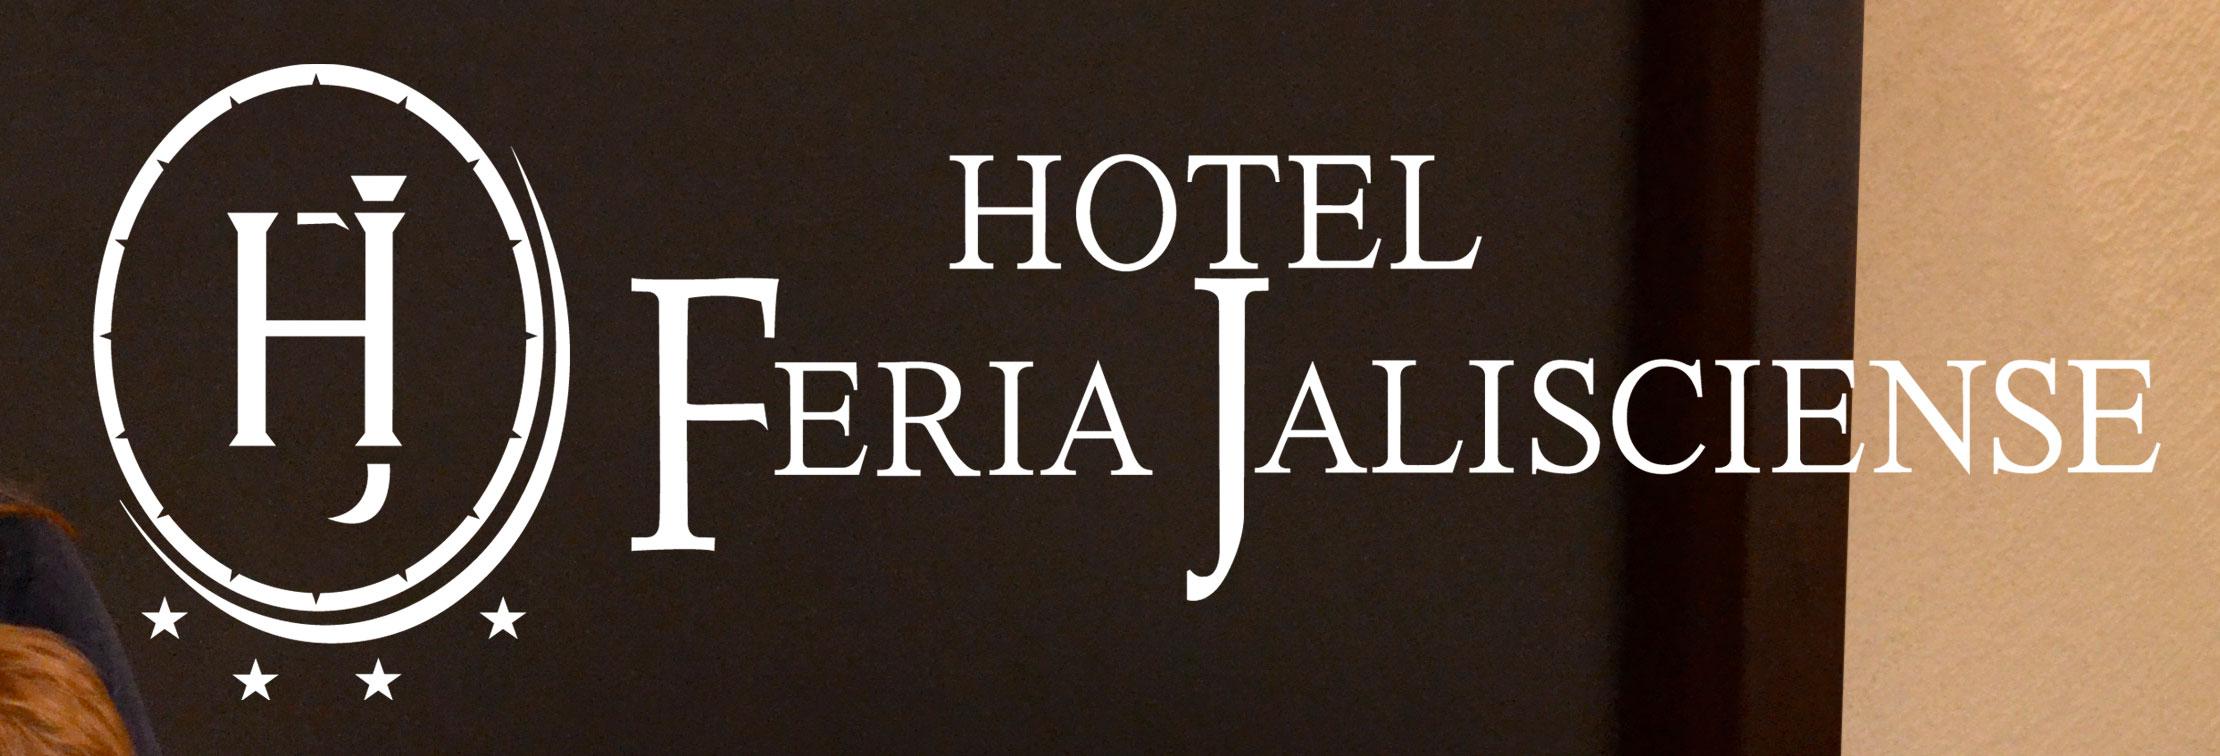 Hotel en San Juan de Los Lagos - Hotel Feria Jalisciense